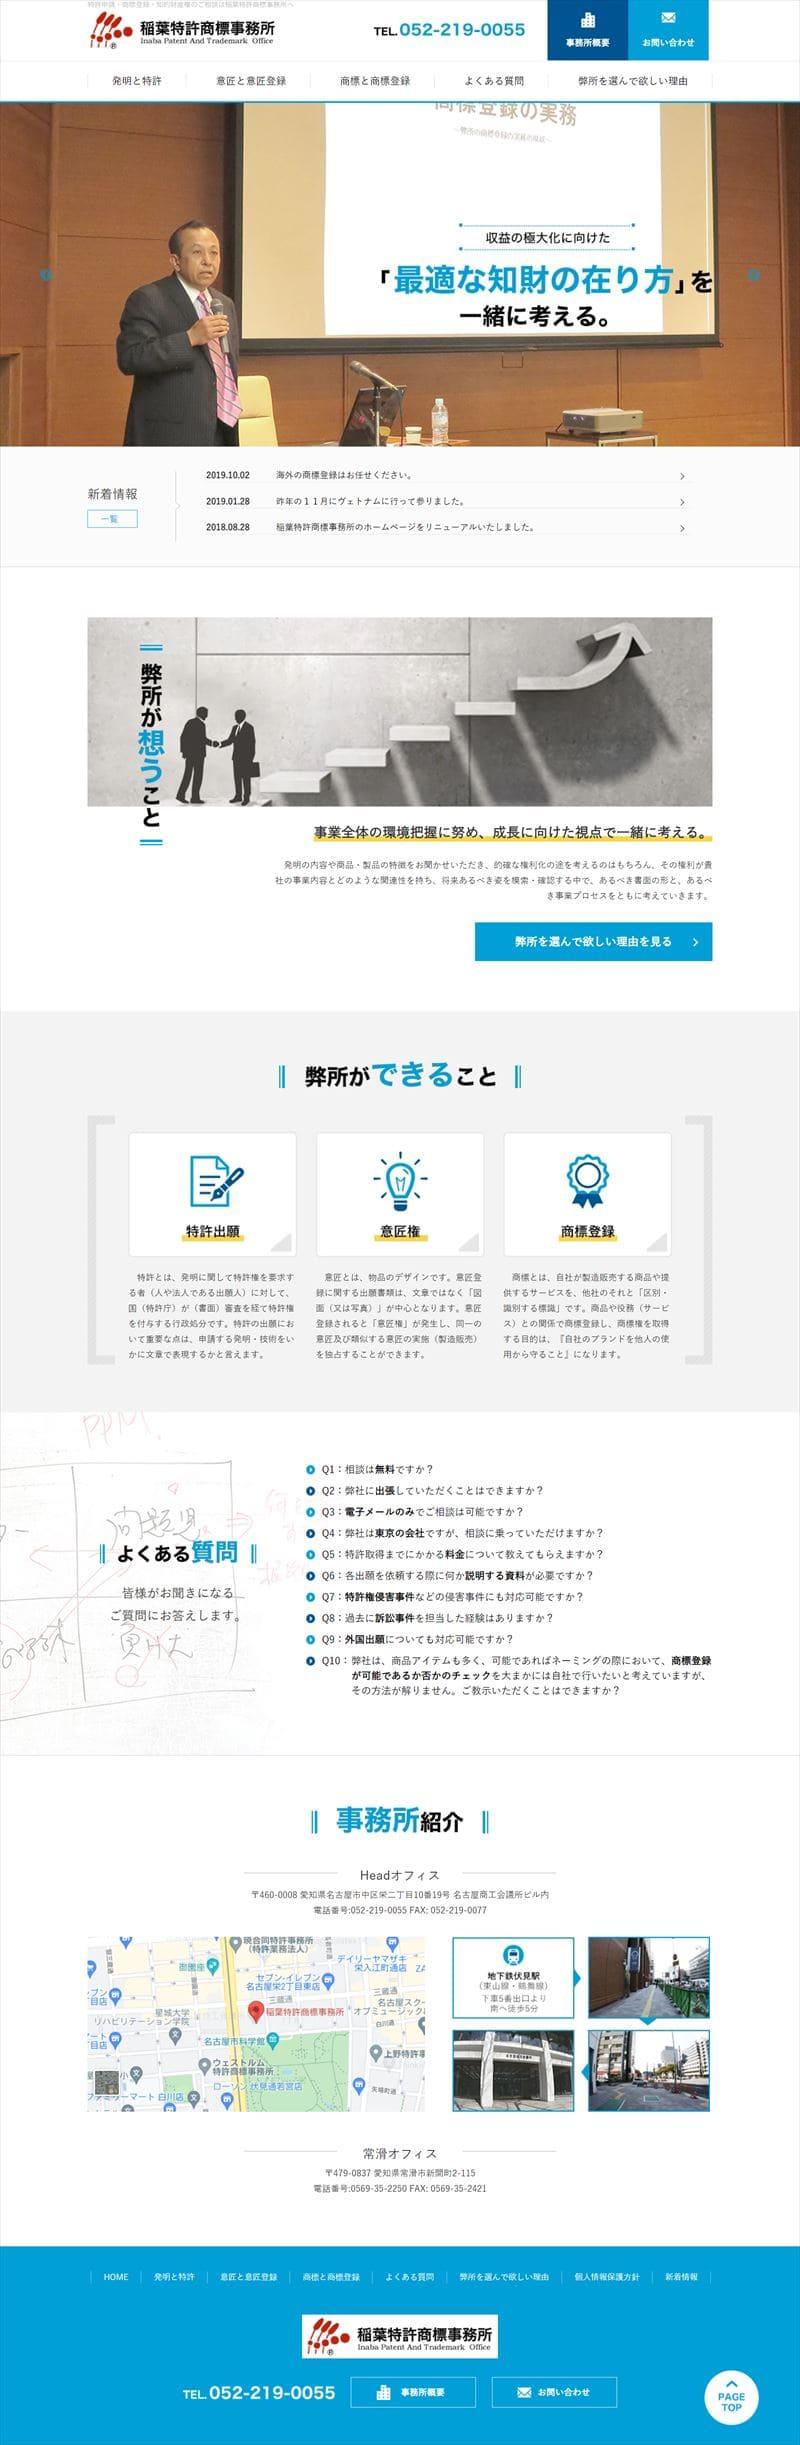 稲葉特許商標事務所